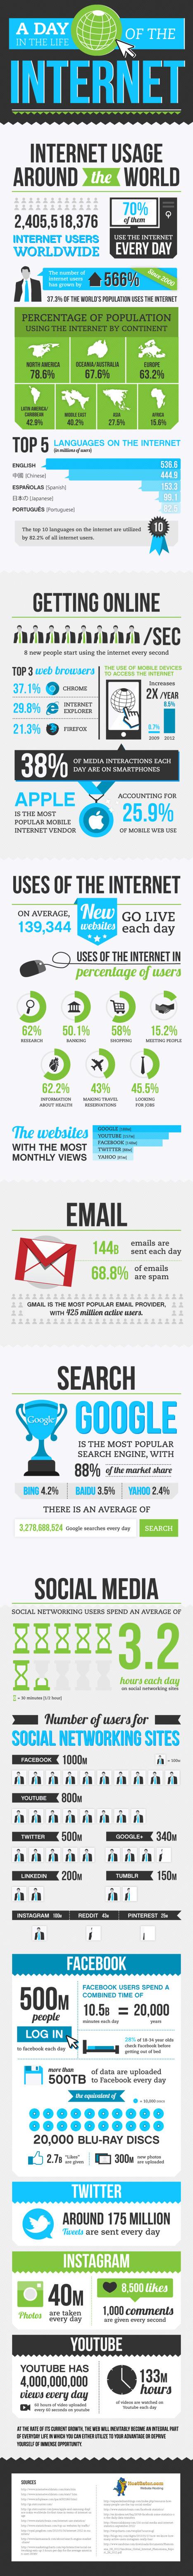 Les chiffres les plus marquants de l'internet - Mai 2013 | Gestion de l'information | Scoop.it